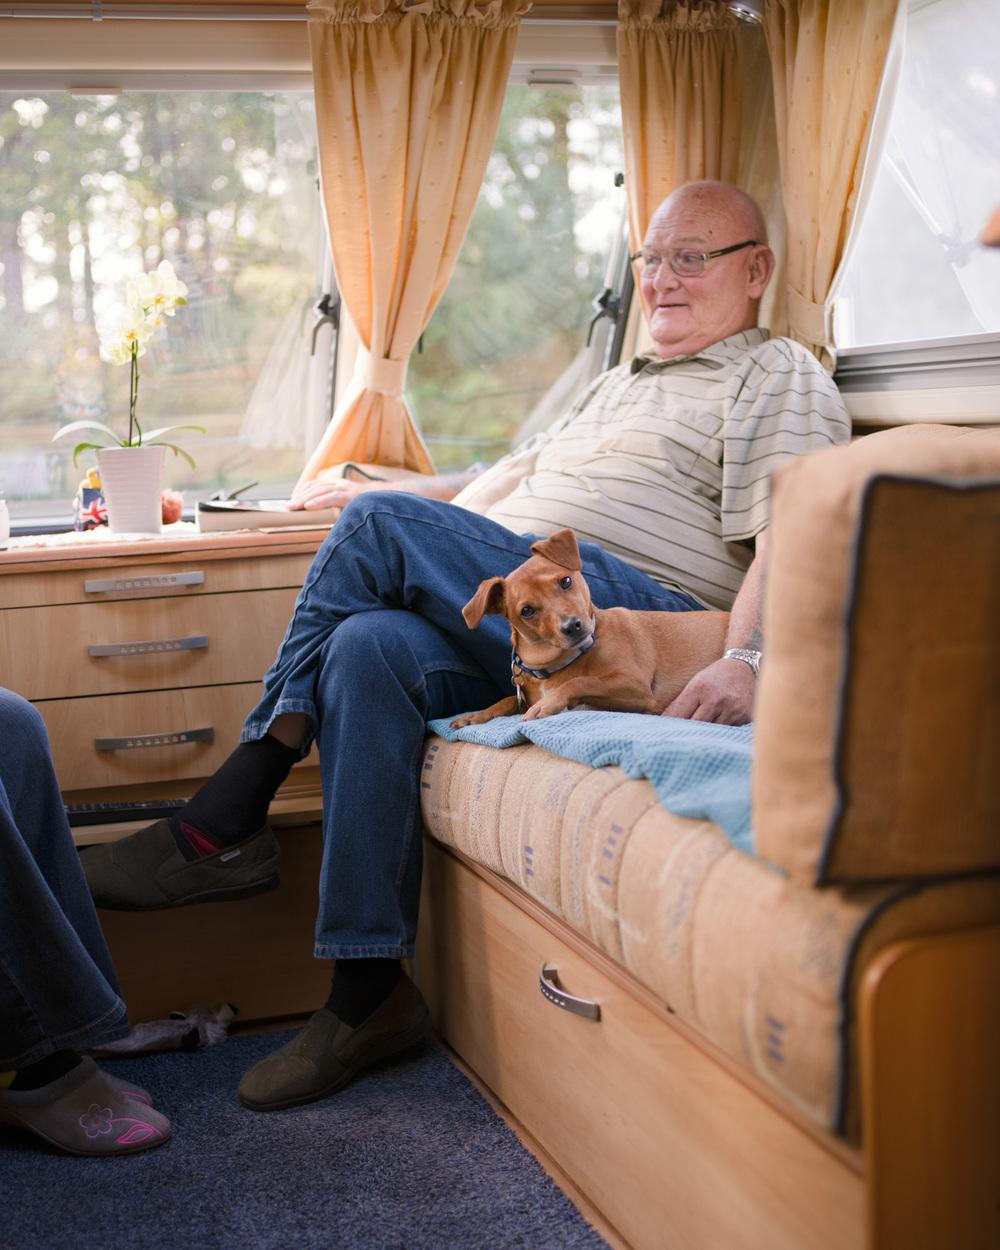 Dogs-Caravan-14.jpg